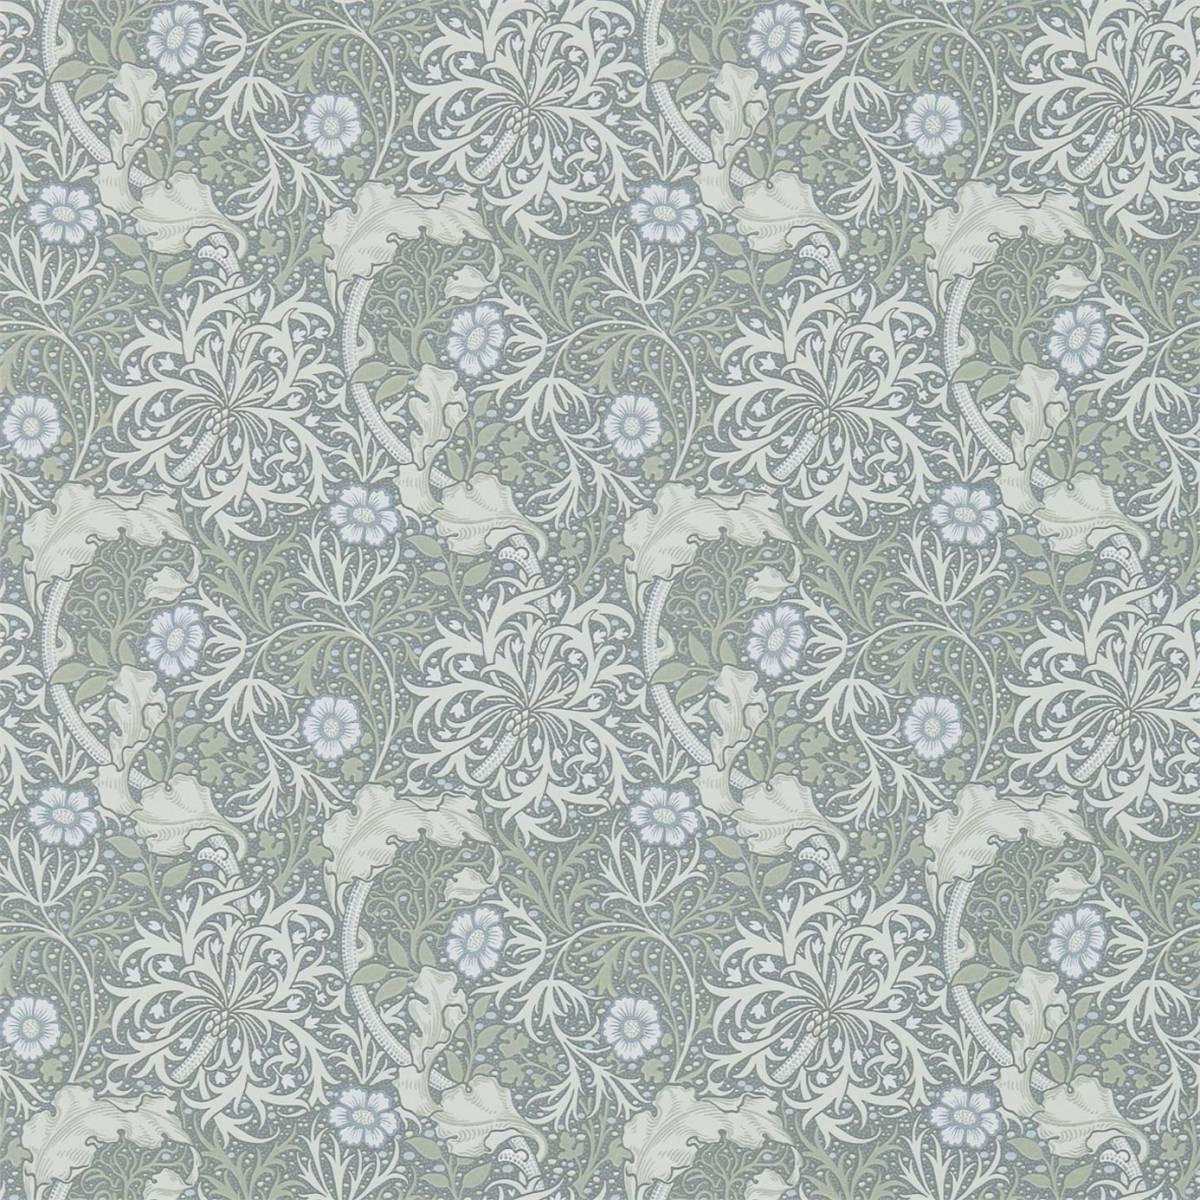 William Morris Co Morris Seaweed Wallpaper Silver Ecruproduct Code 216467